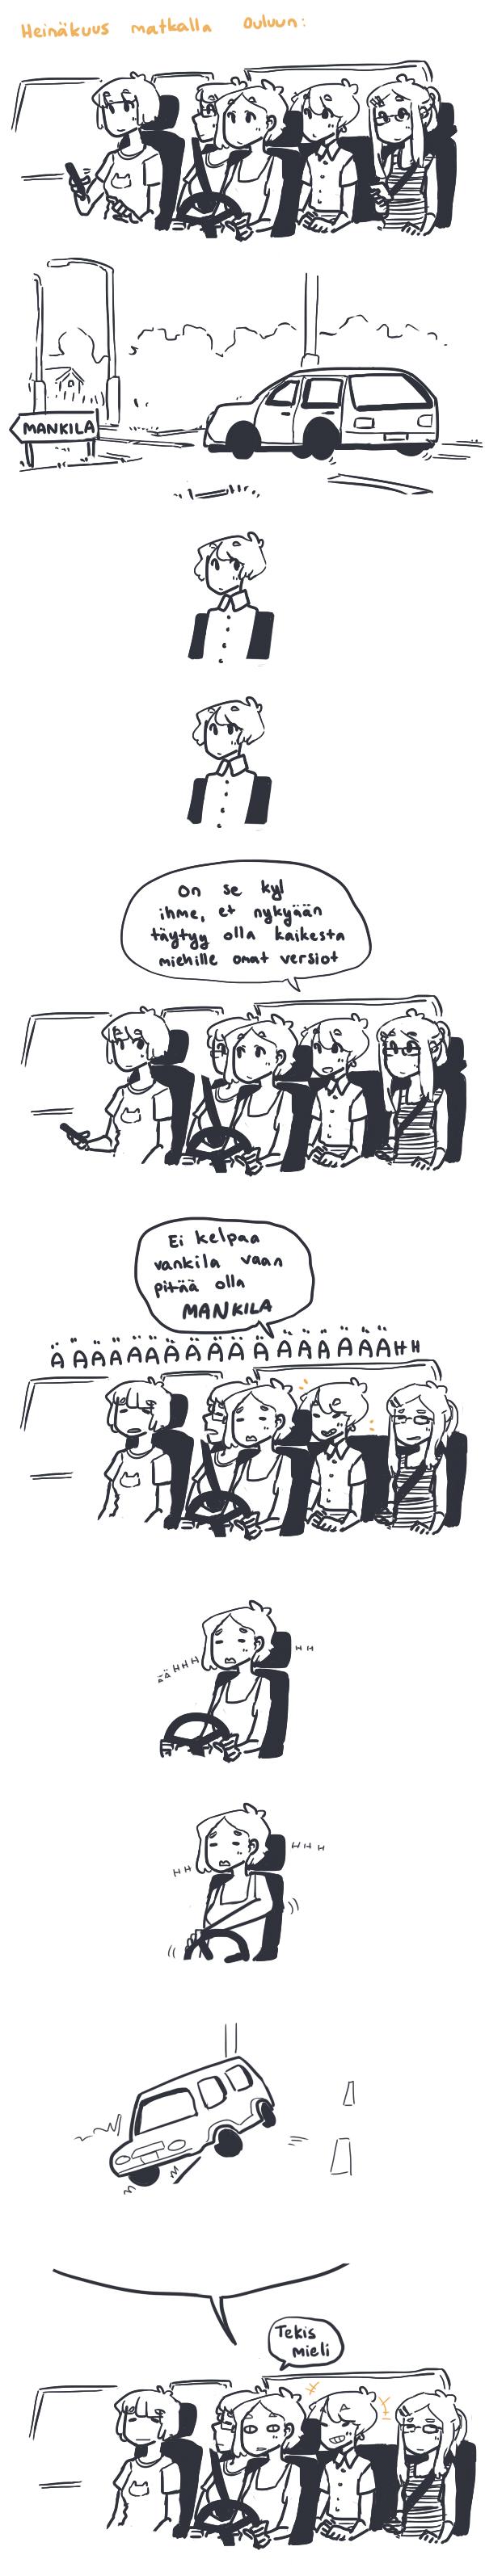 sarjakuva449-miittitarina